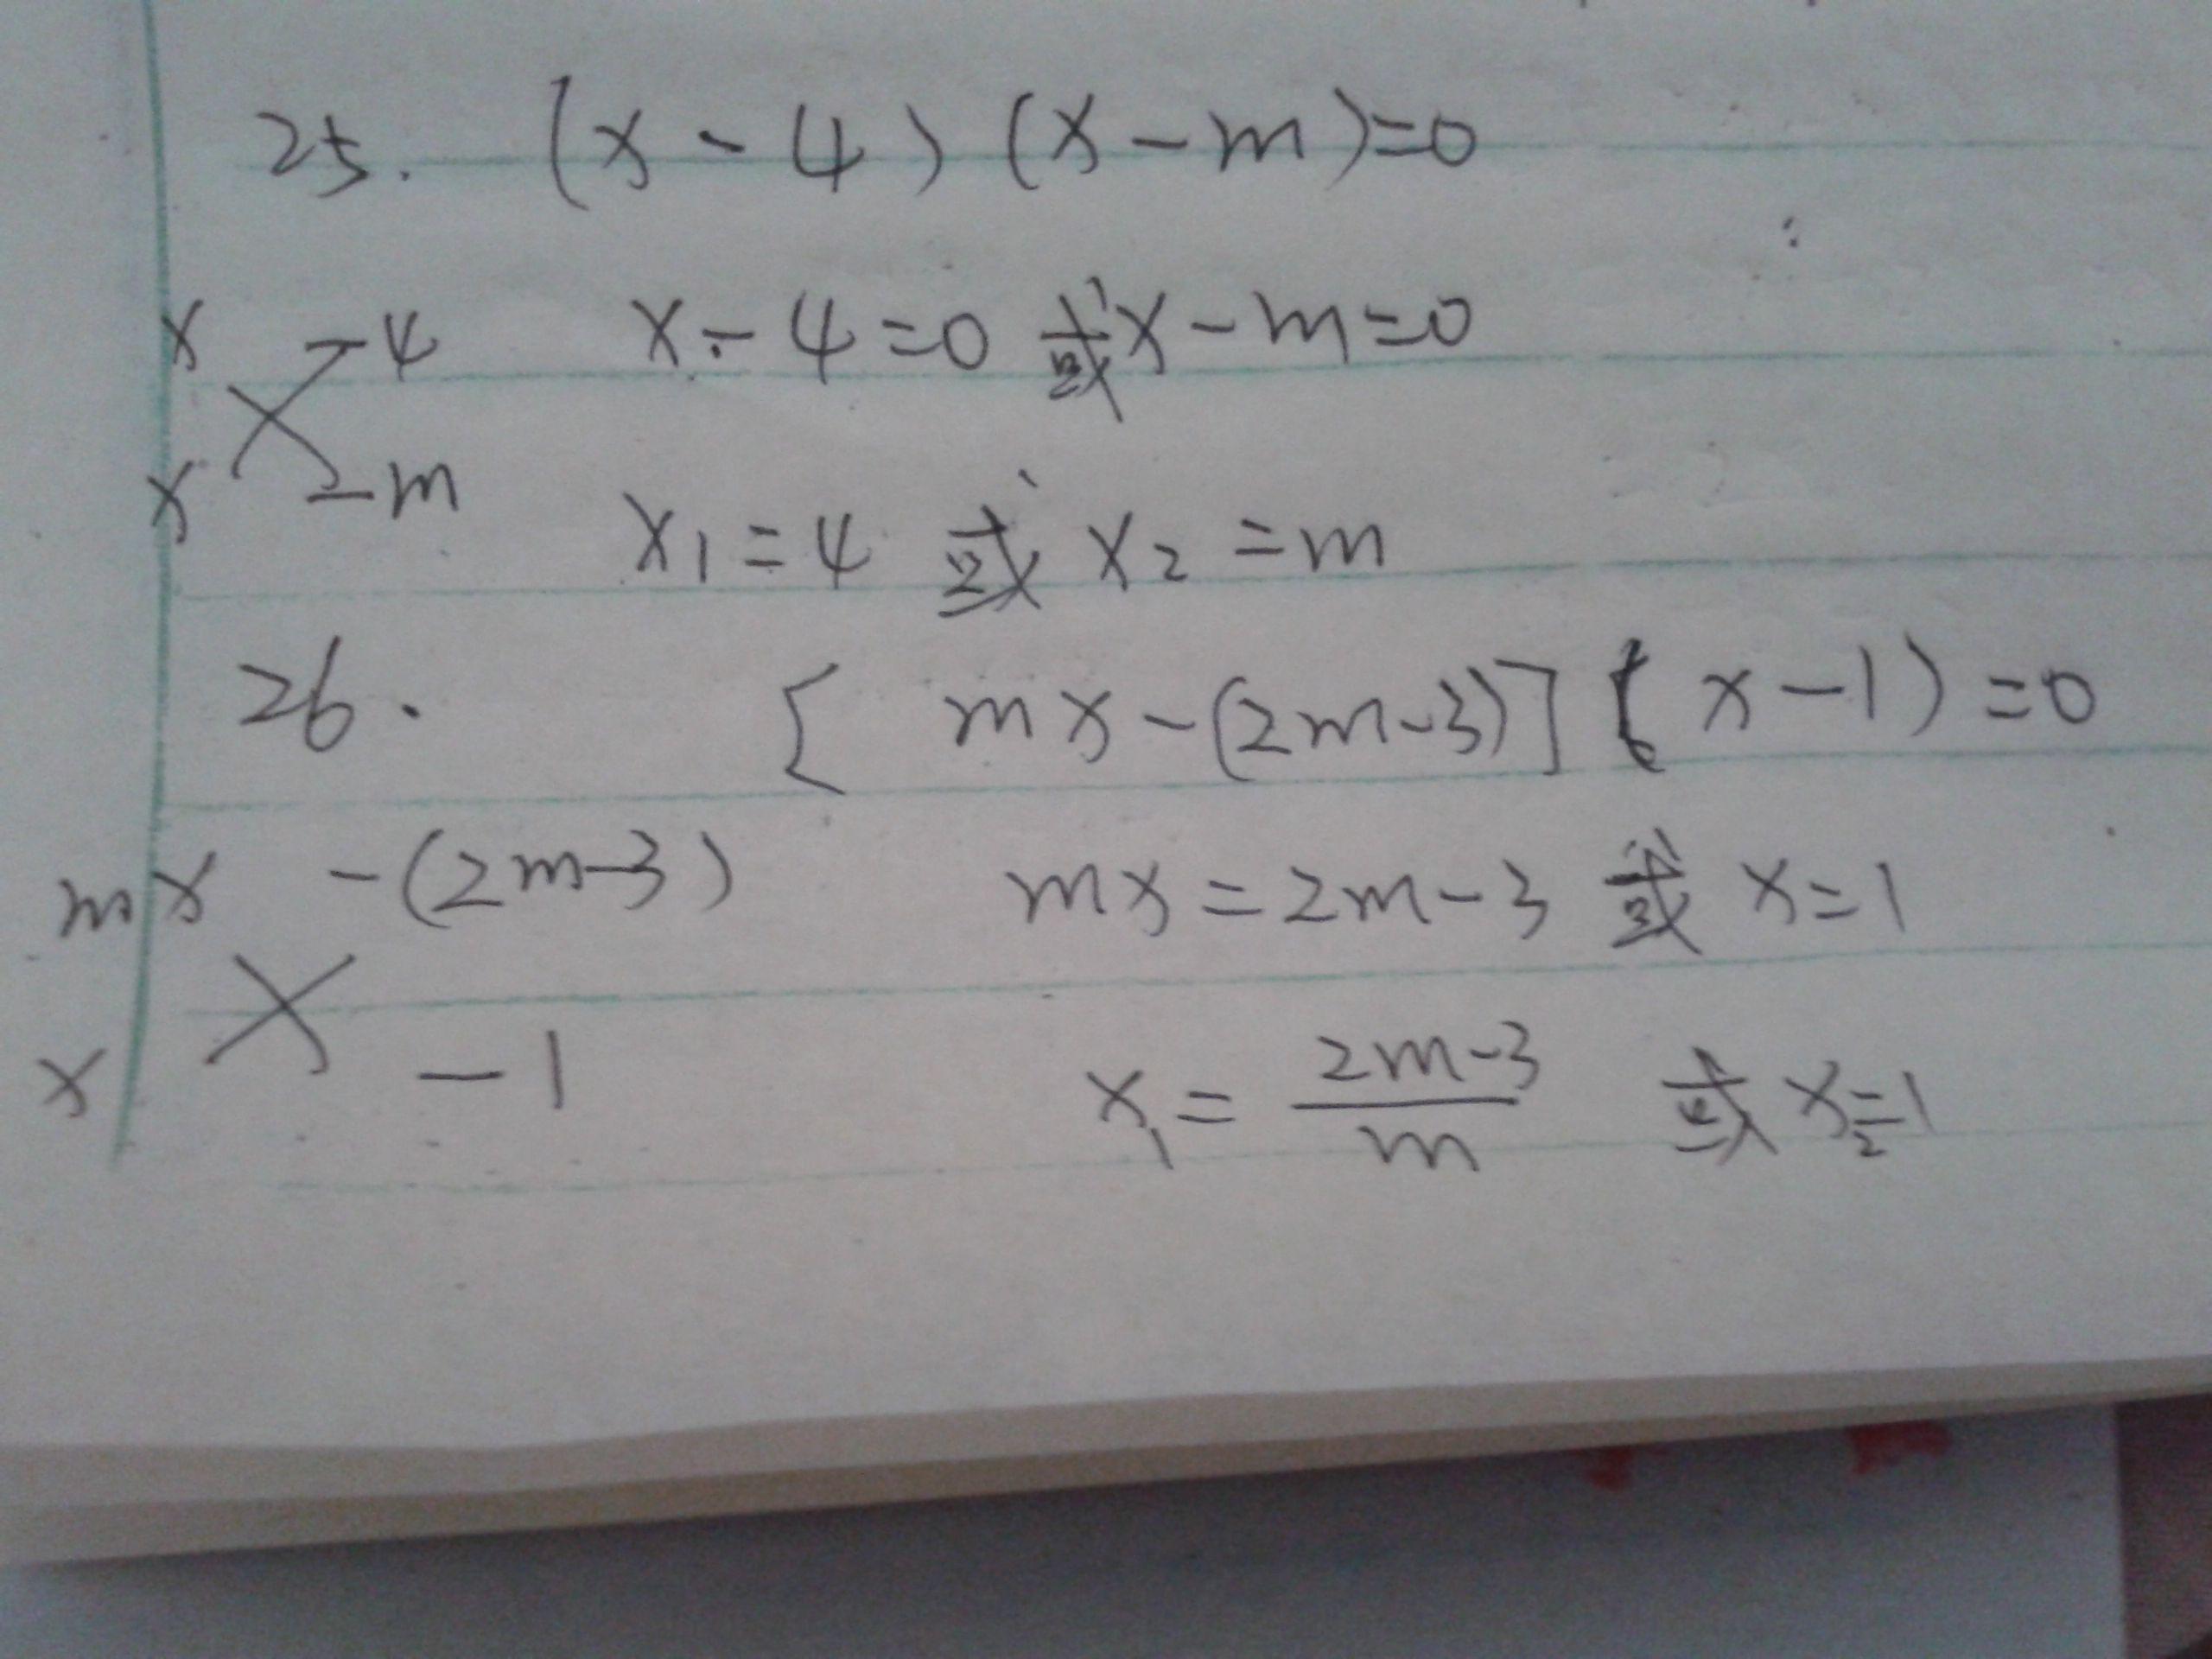 用十字相乘法分解因式解方程.求详细过程.